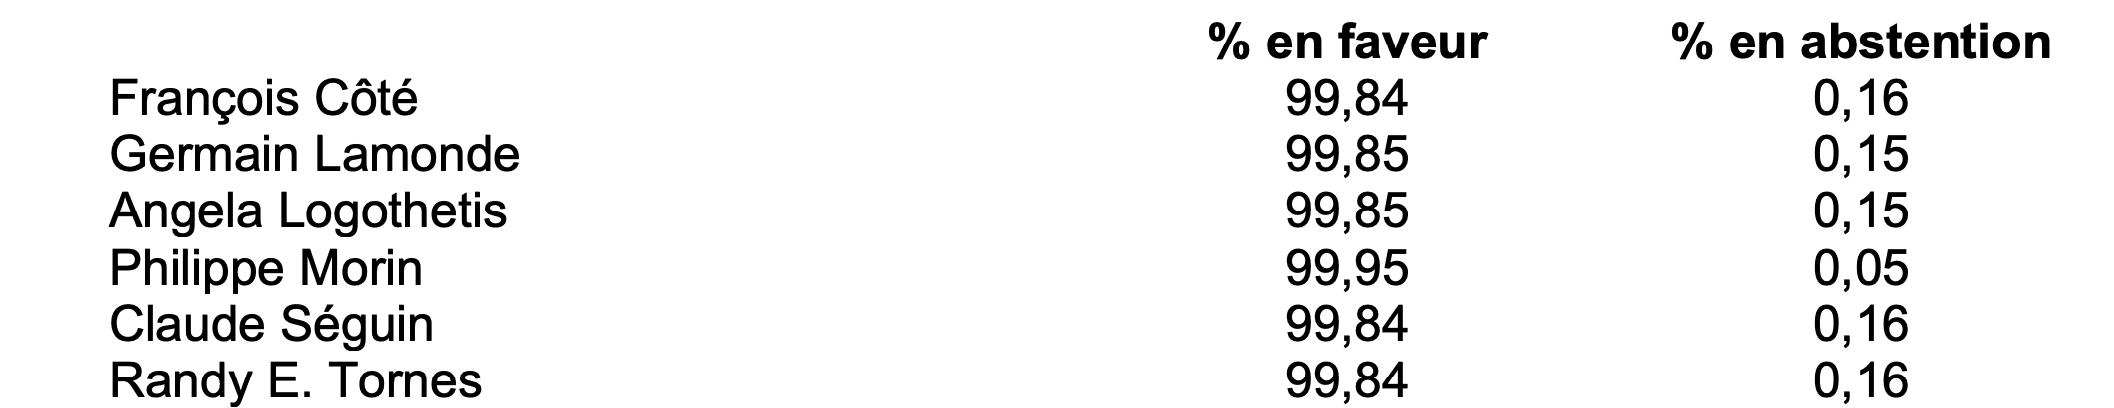 Résultats détaillés du vote